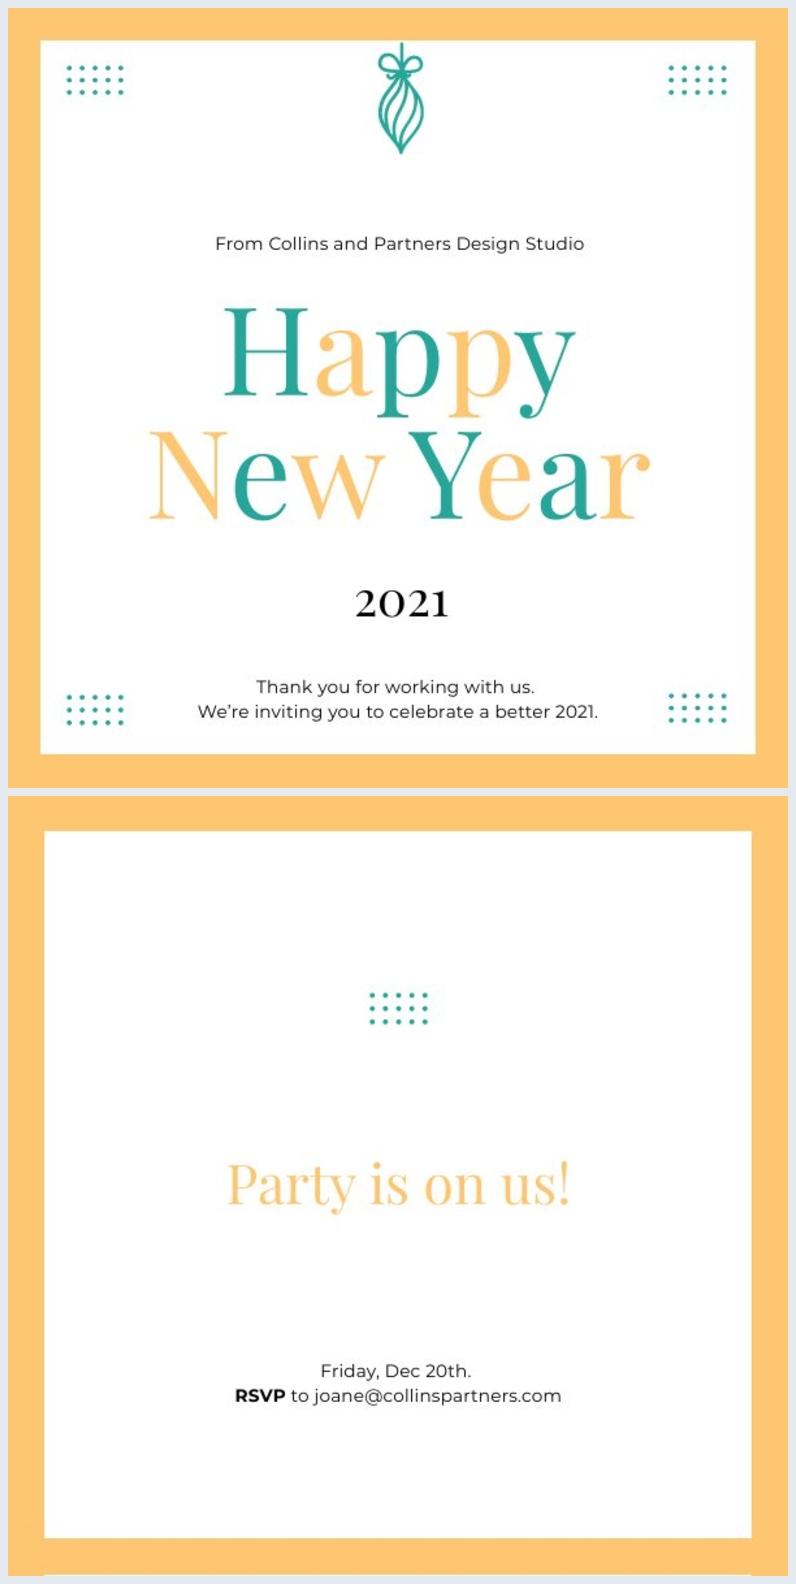 Grafica per invito alla festa di Buon Anno